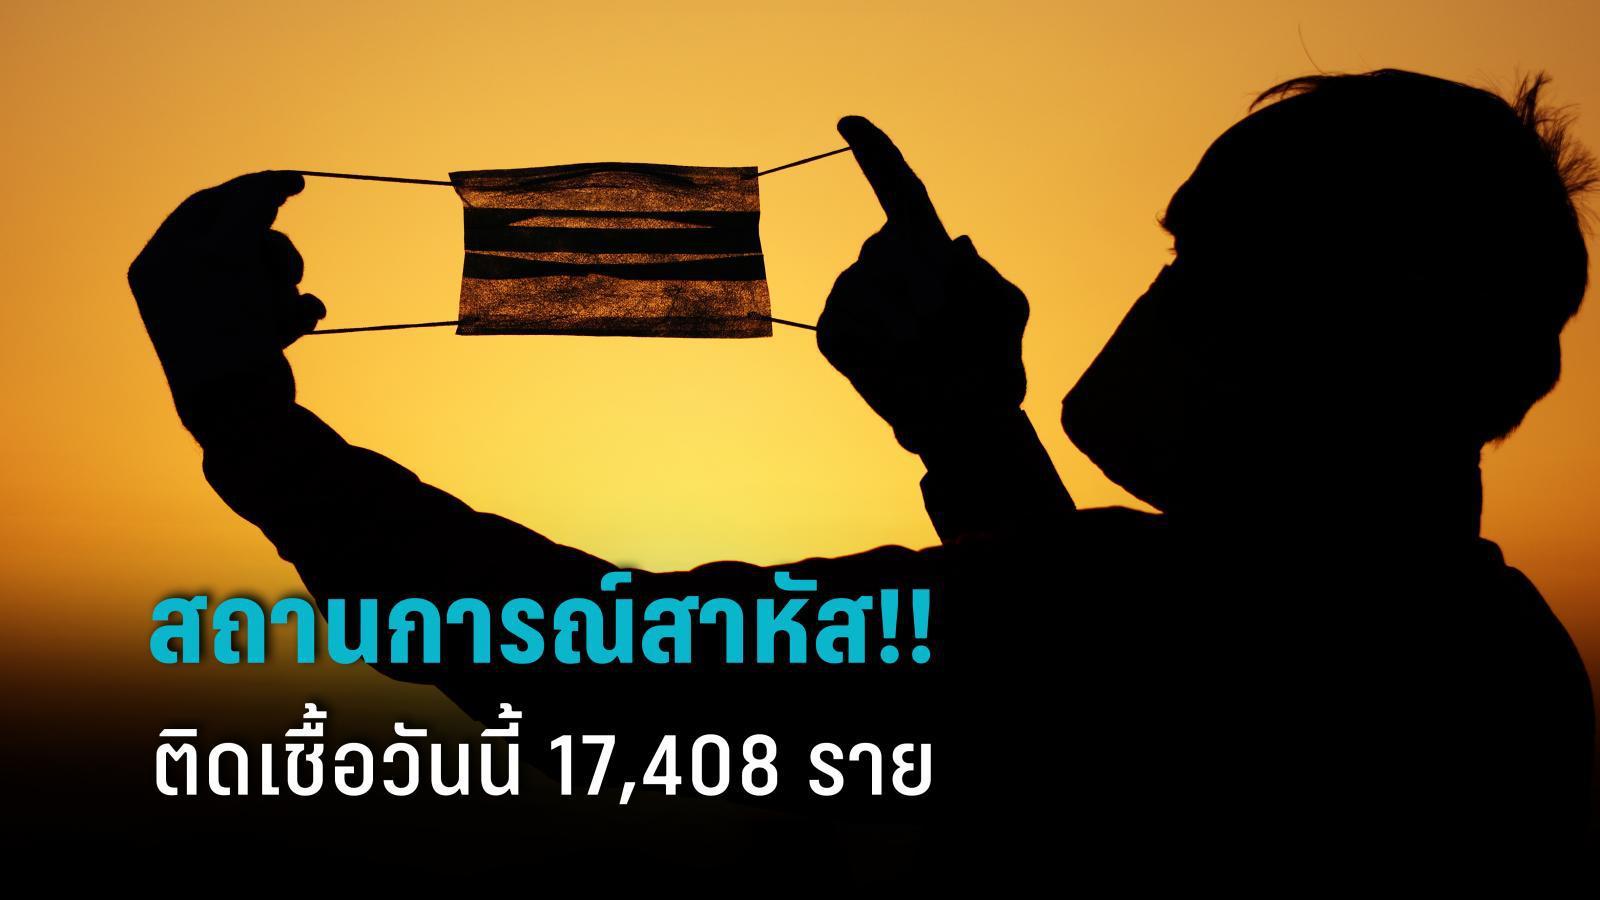 สาหัสแล้ว! ผู้ติดเชื้อโควิดพุ่งพรวด +17,408 เปิดเอกสารชี้ตัวเลขจริงมากกว่านี้ โควิดคร่าอีก 165 ชีวิต